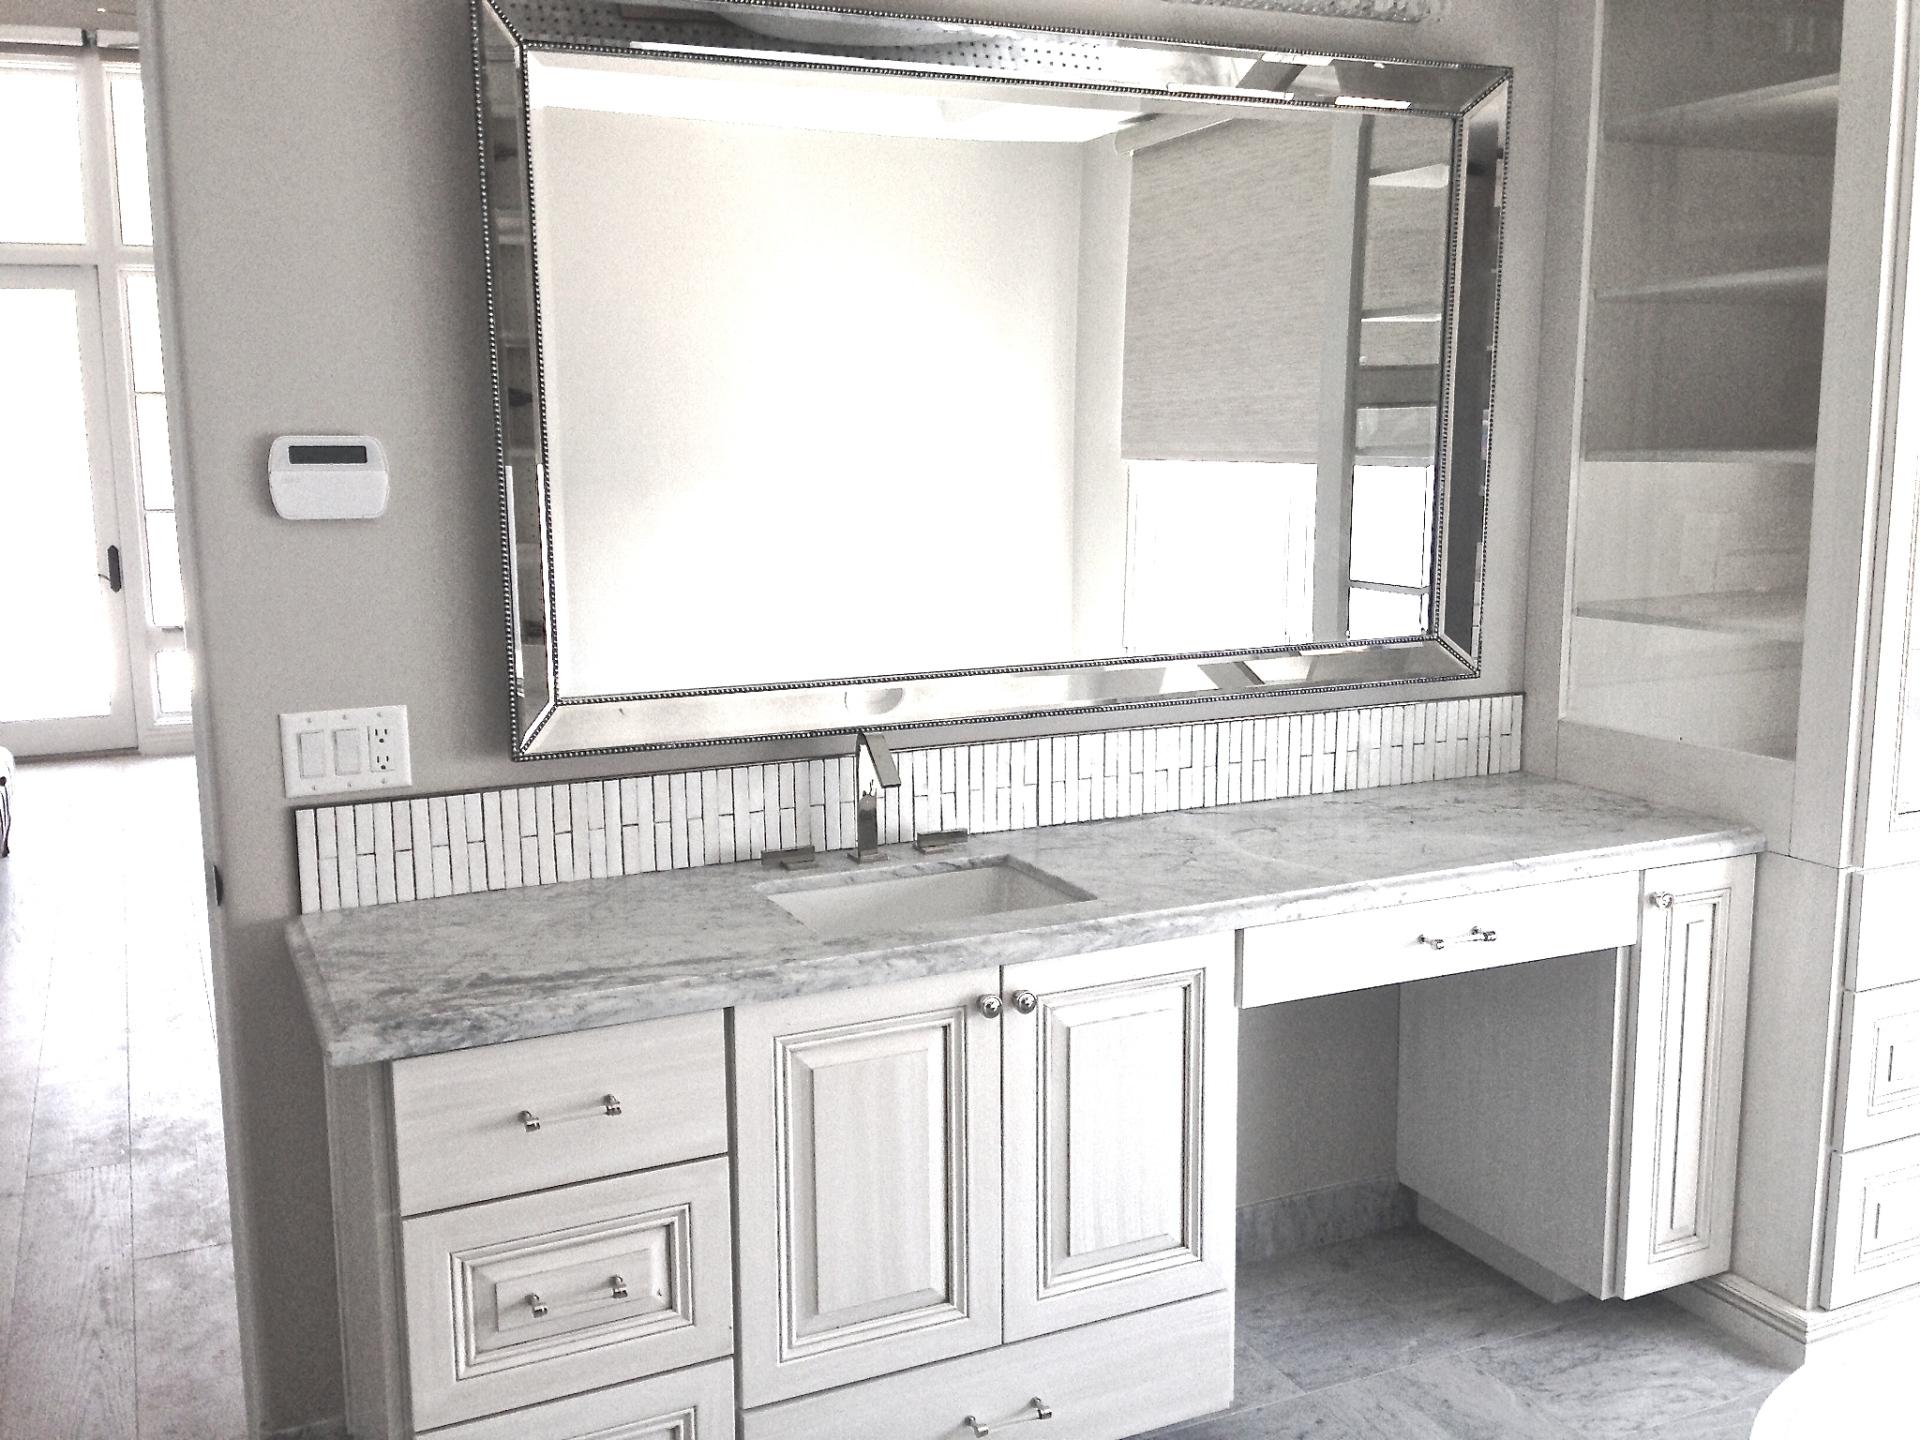 vanity top/bathroom remodeling